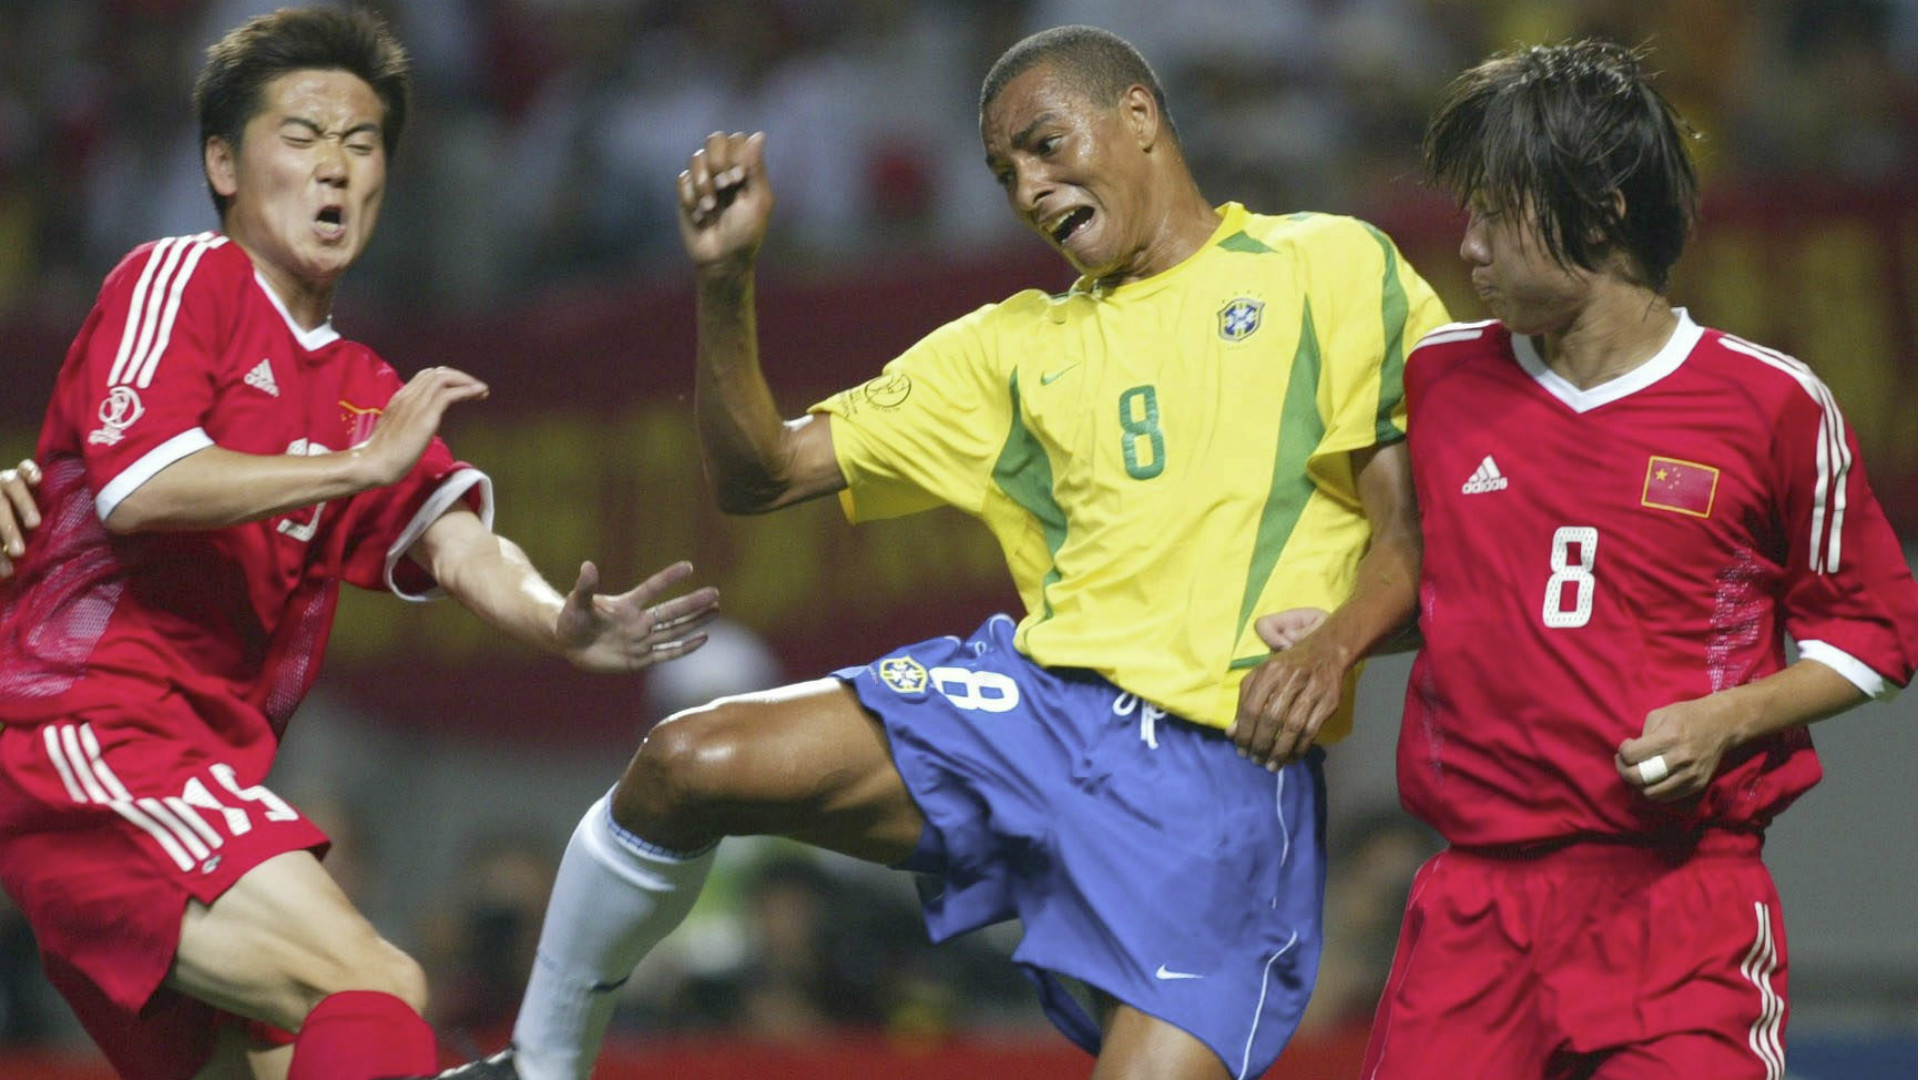 Gilberto Silva Brazil 2002